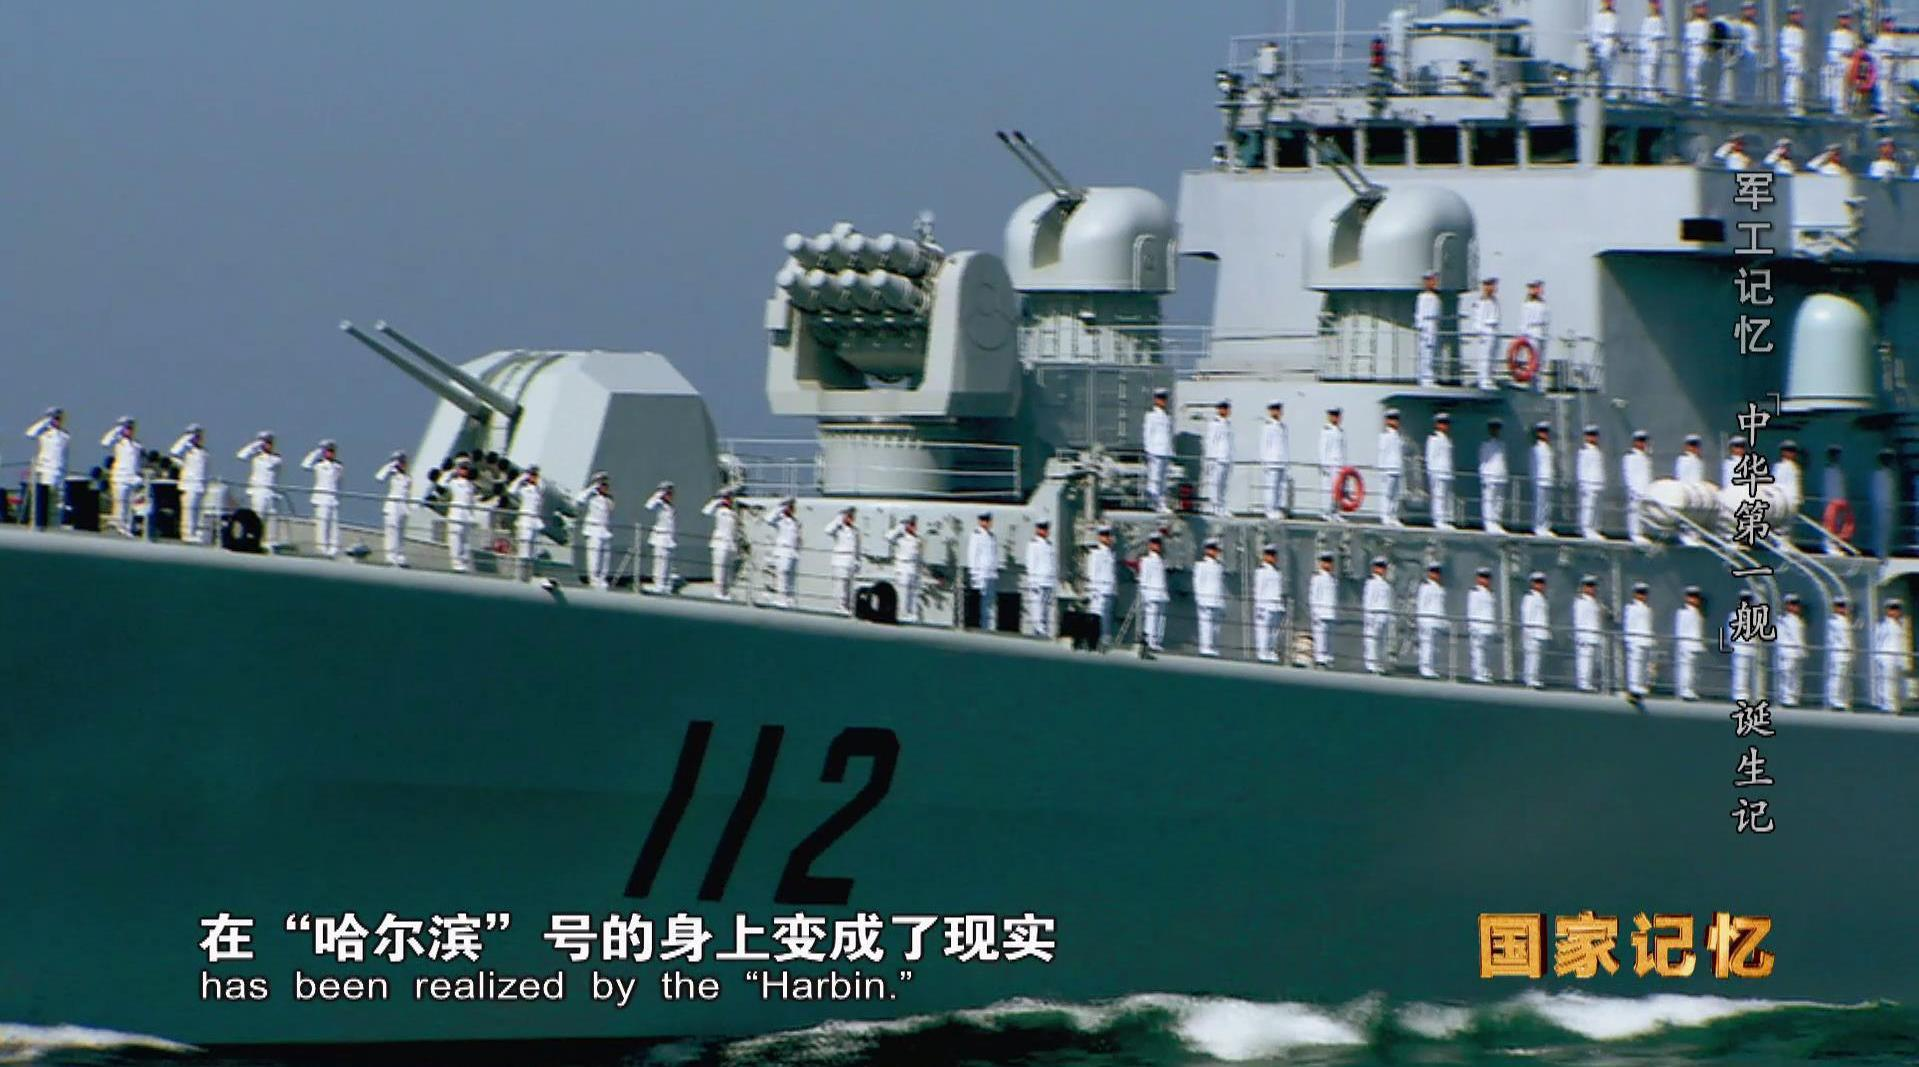 1983年,中国全新一代052型导弹驱逐舰的研制工作正式启动